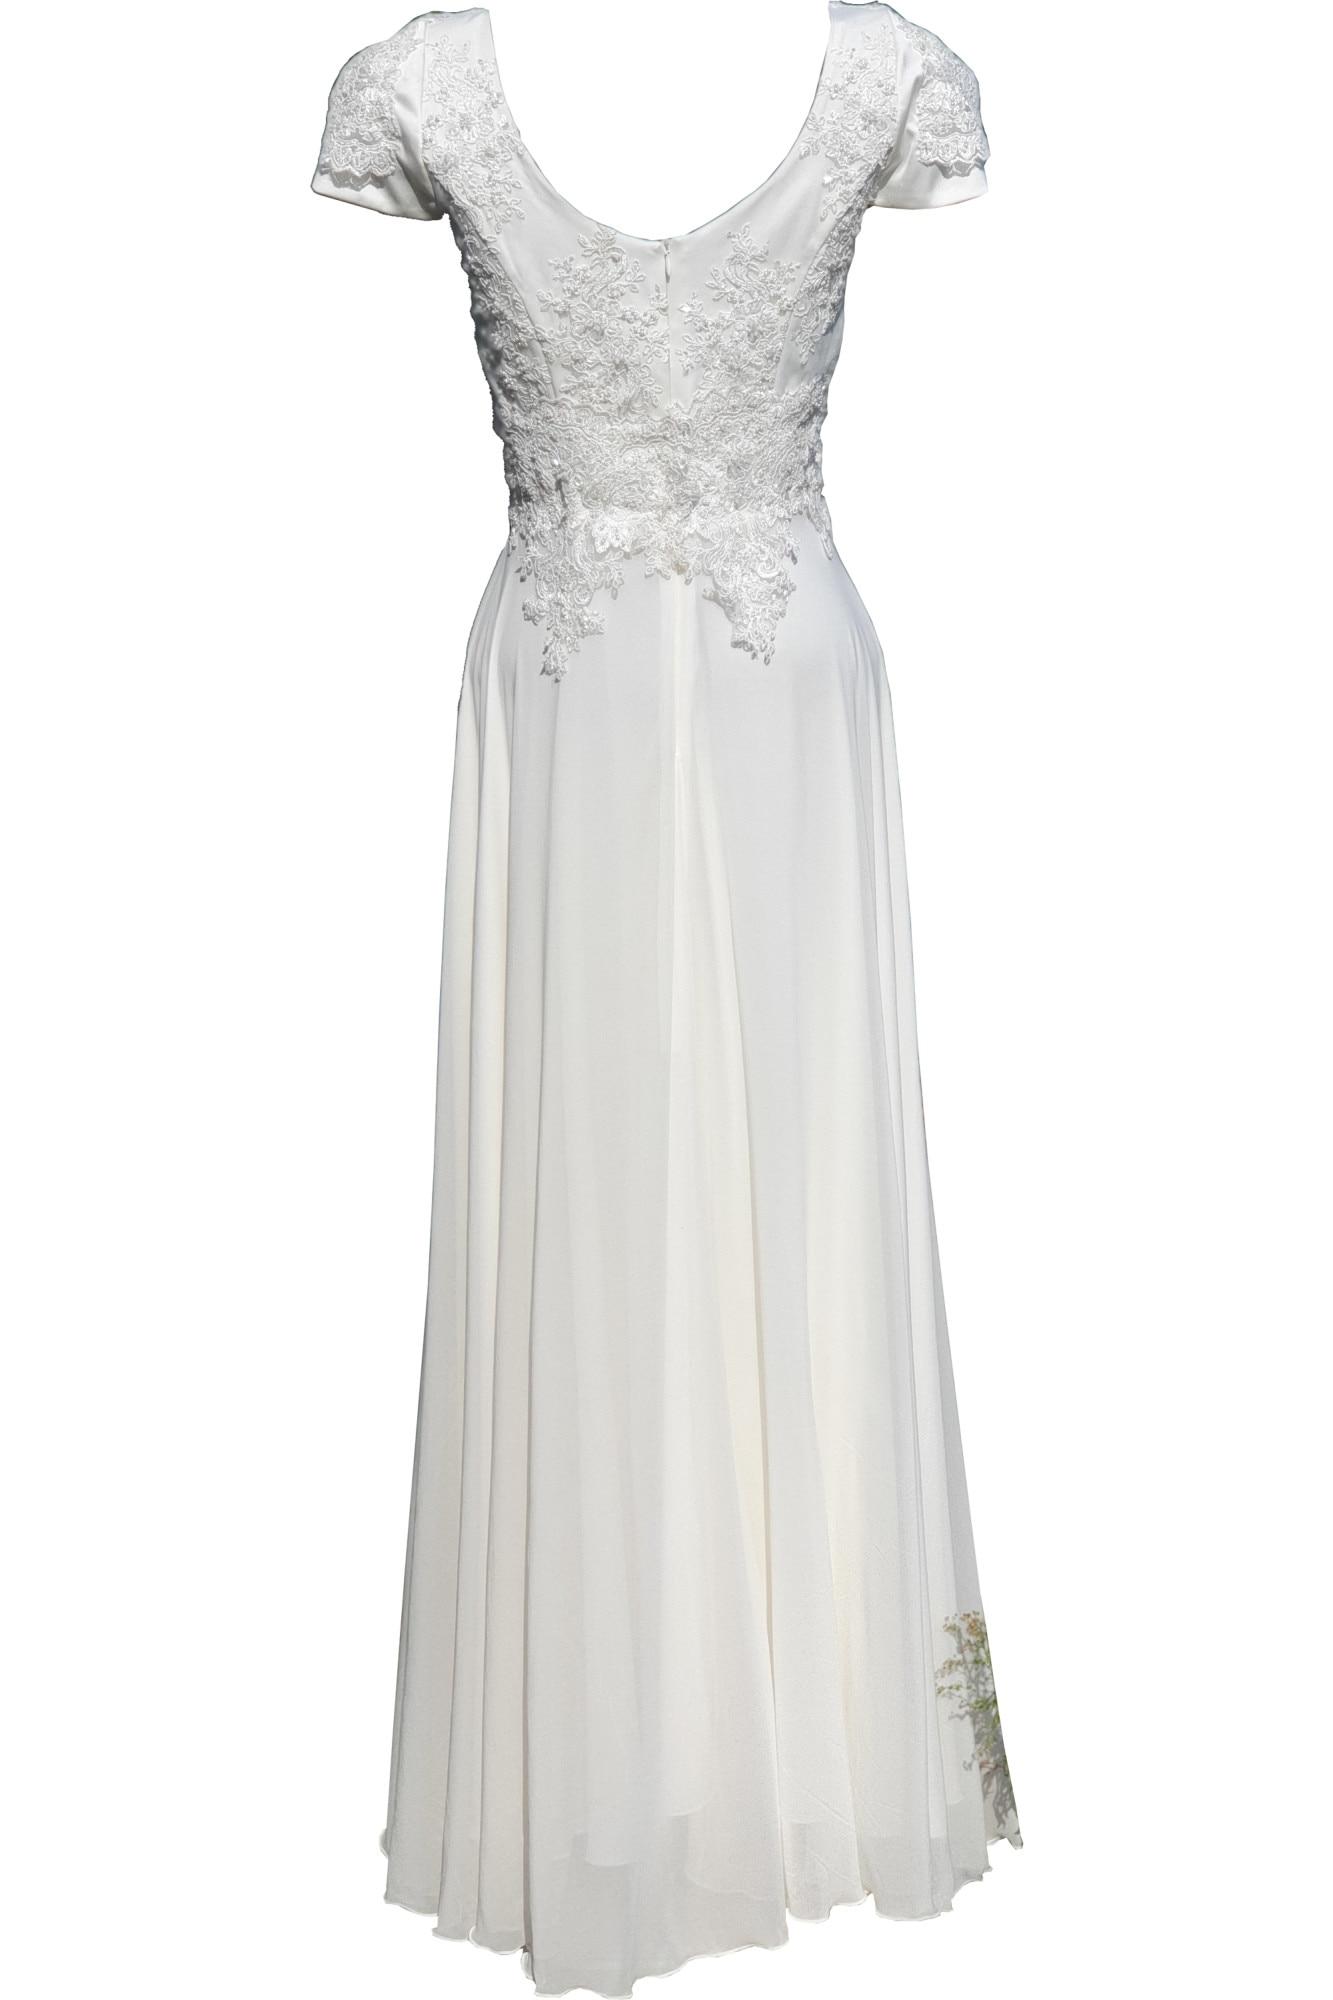 Rochii de seară & de ocazie - cumpără online rochii elegante